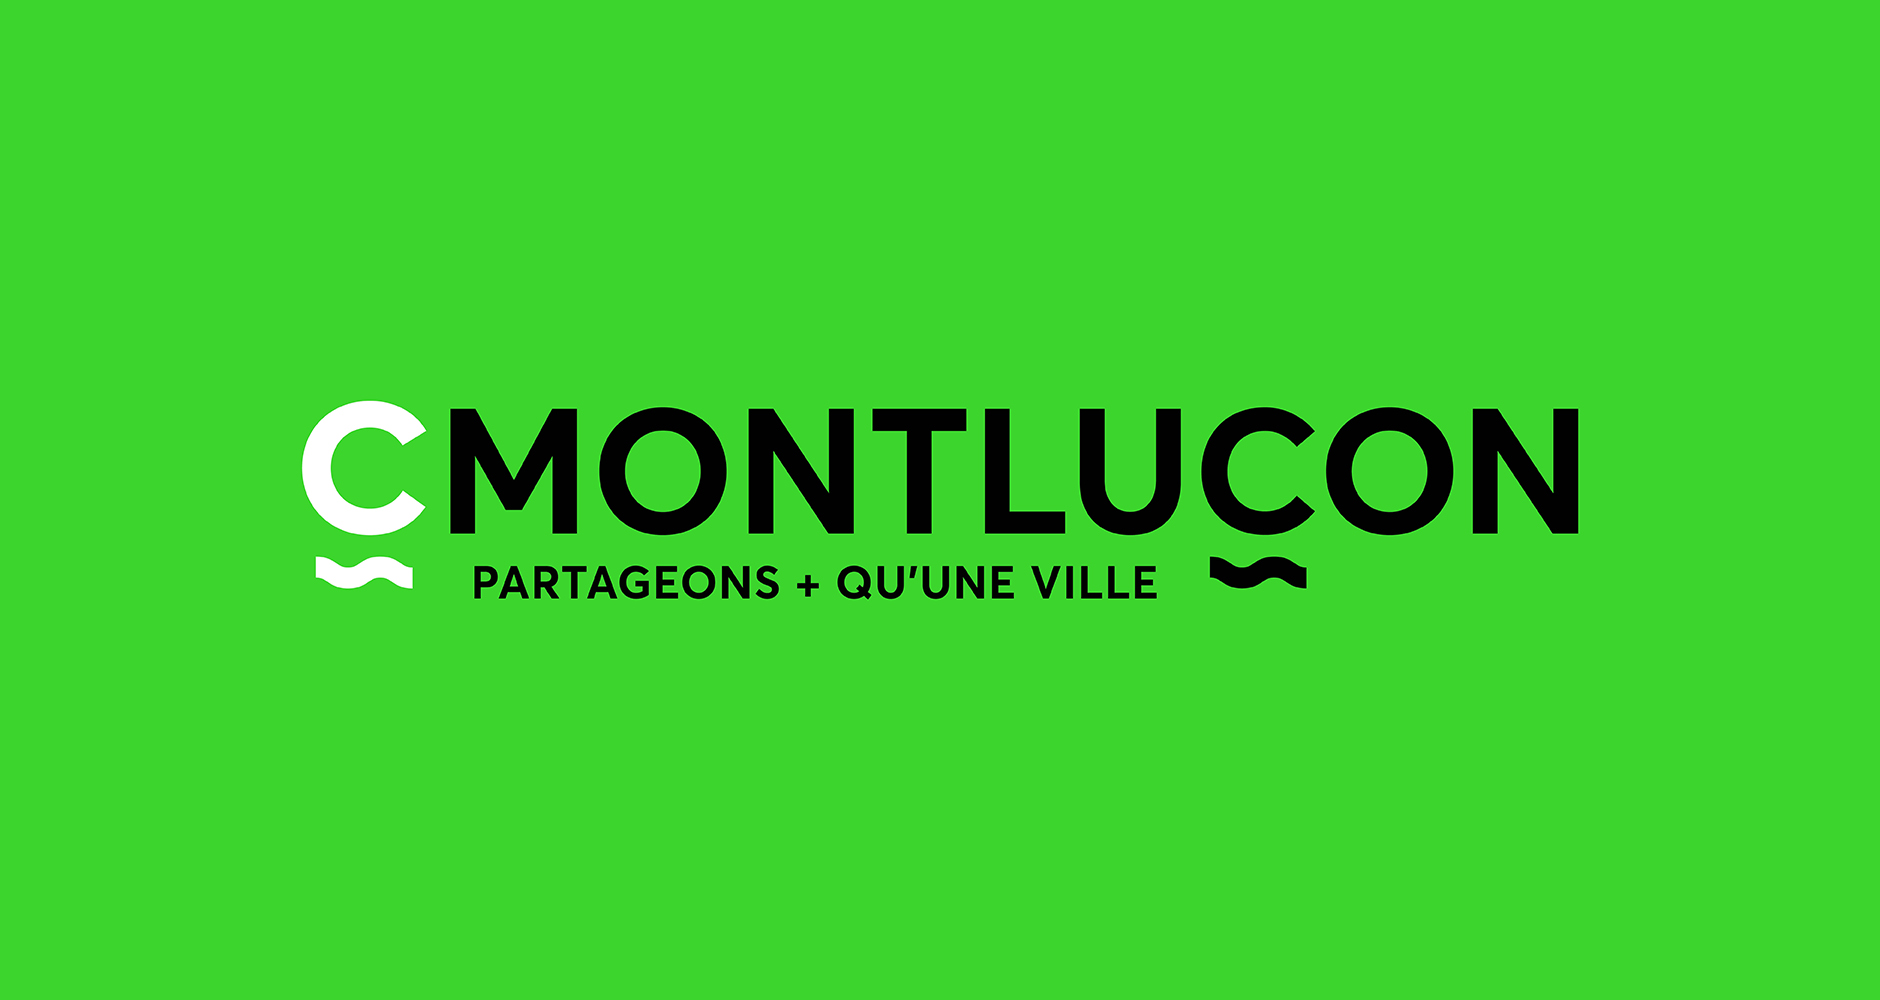 Image de l'identité du projet CMontluçon réalisé par l'agence Graphéine